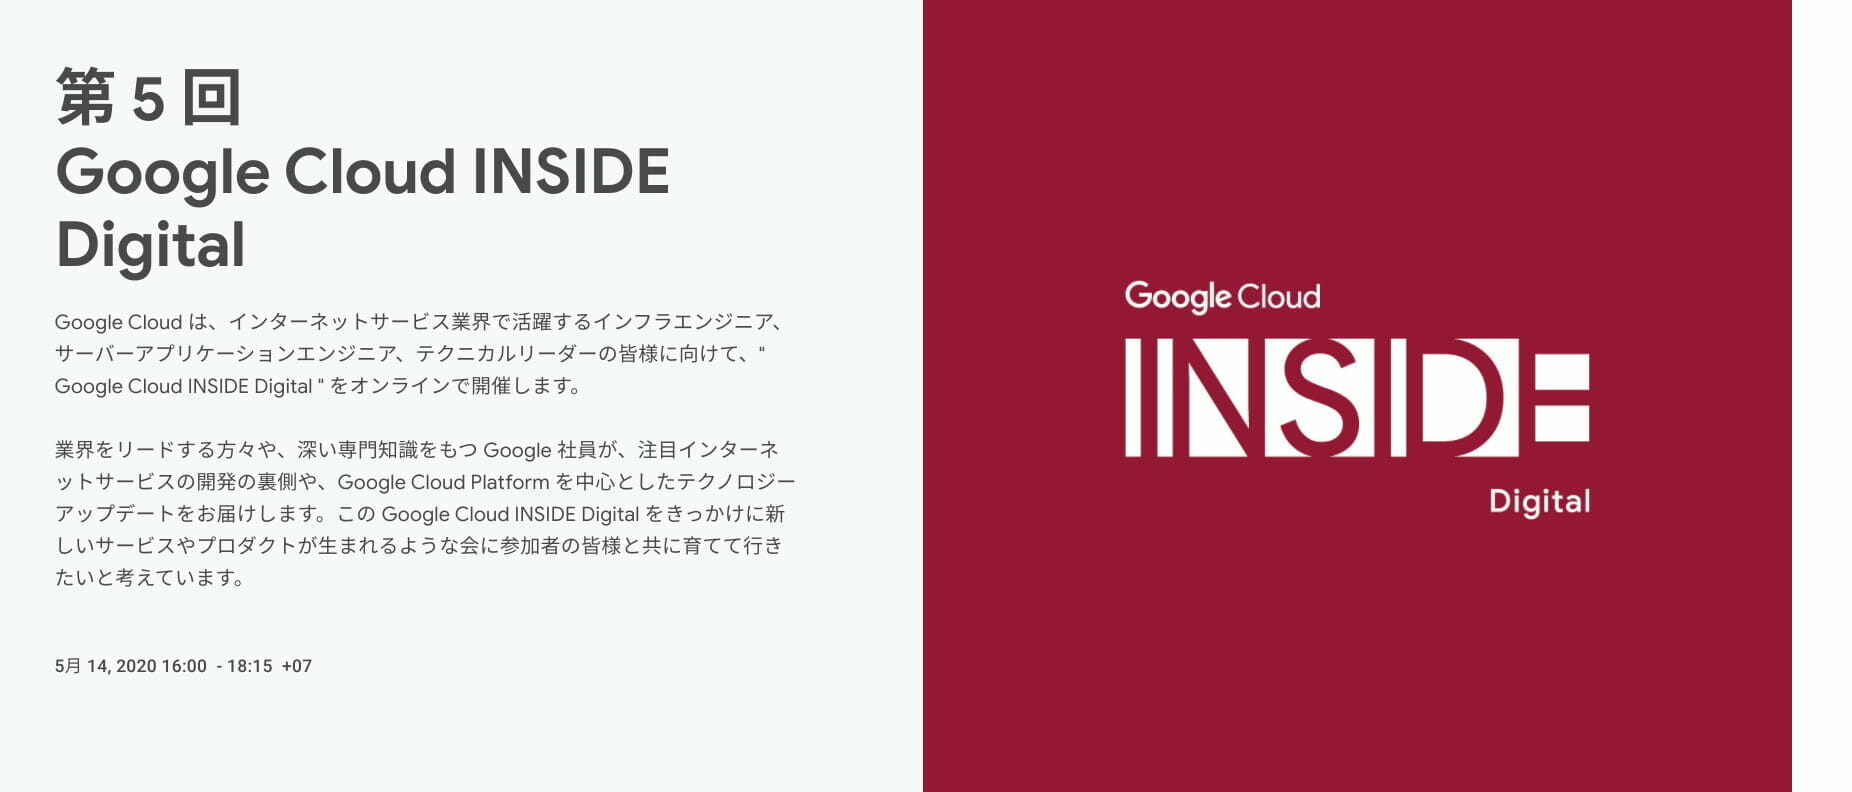 第5回 Google Cloud INSIDE Digital